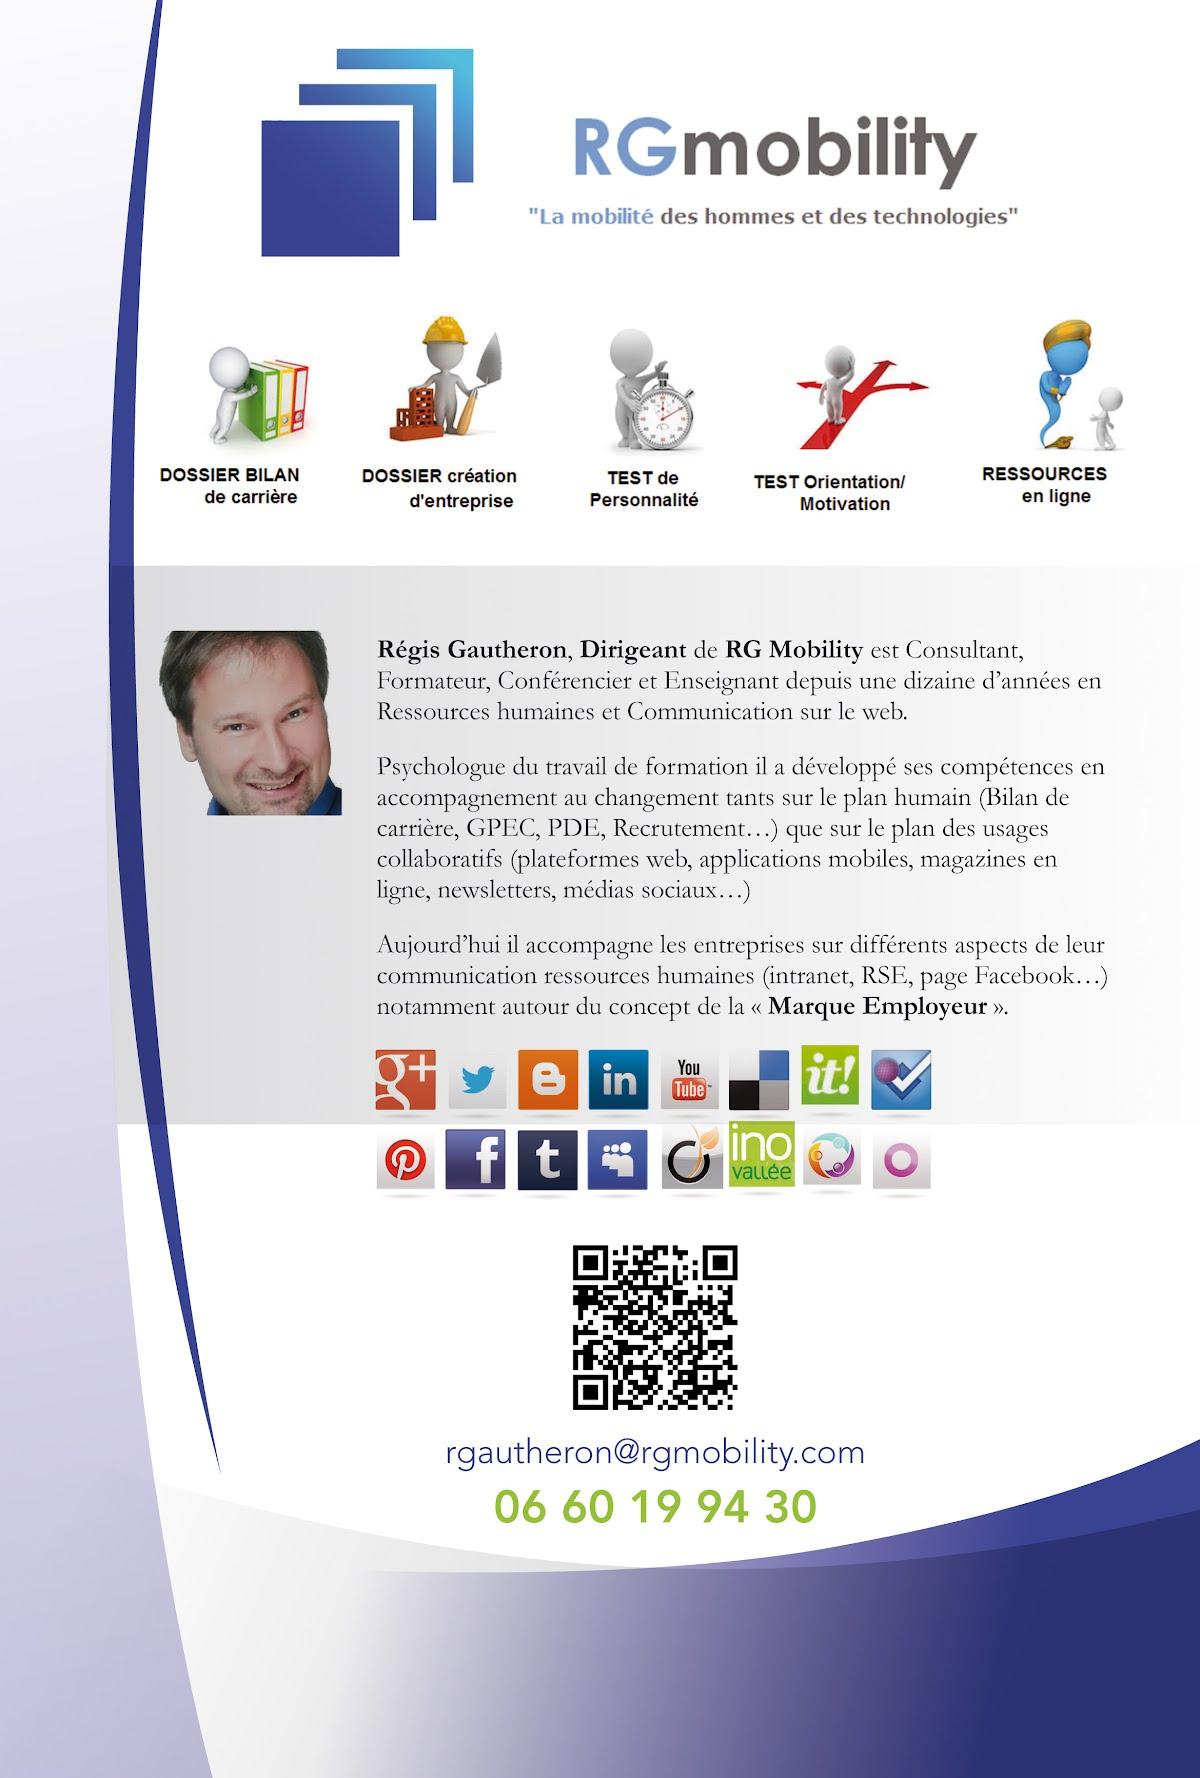 bilan.rgmobility.com